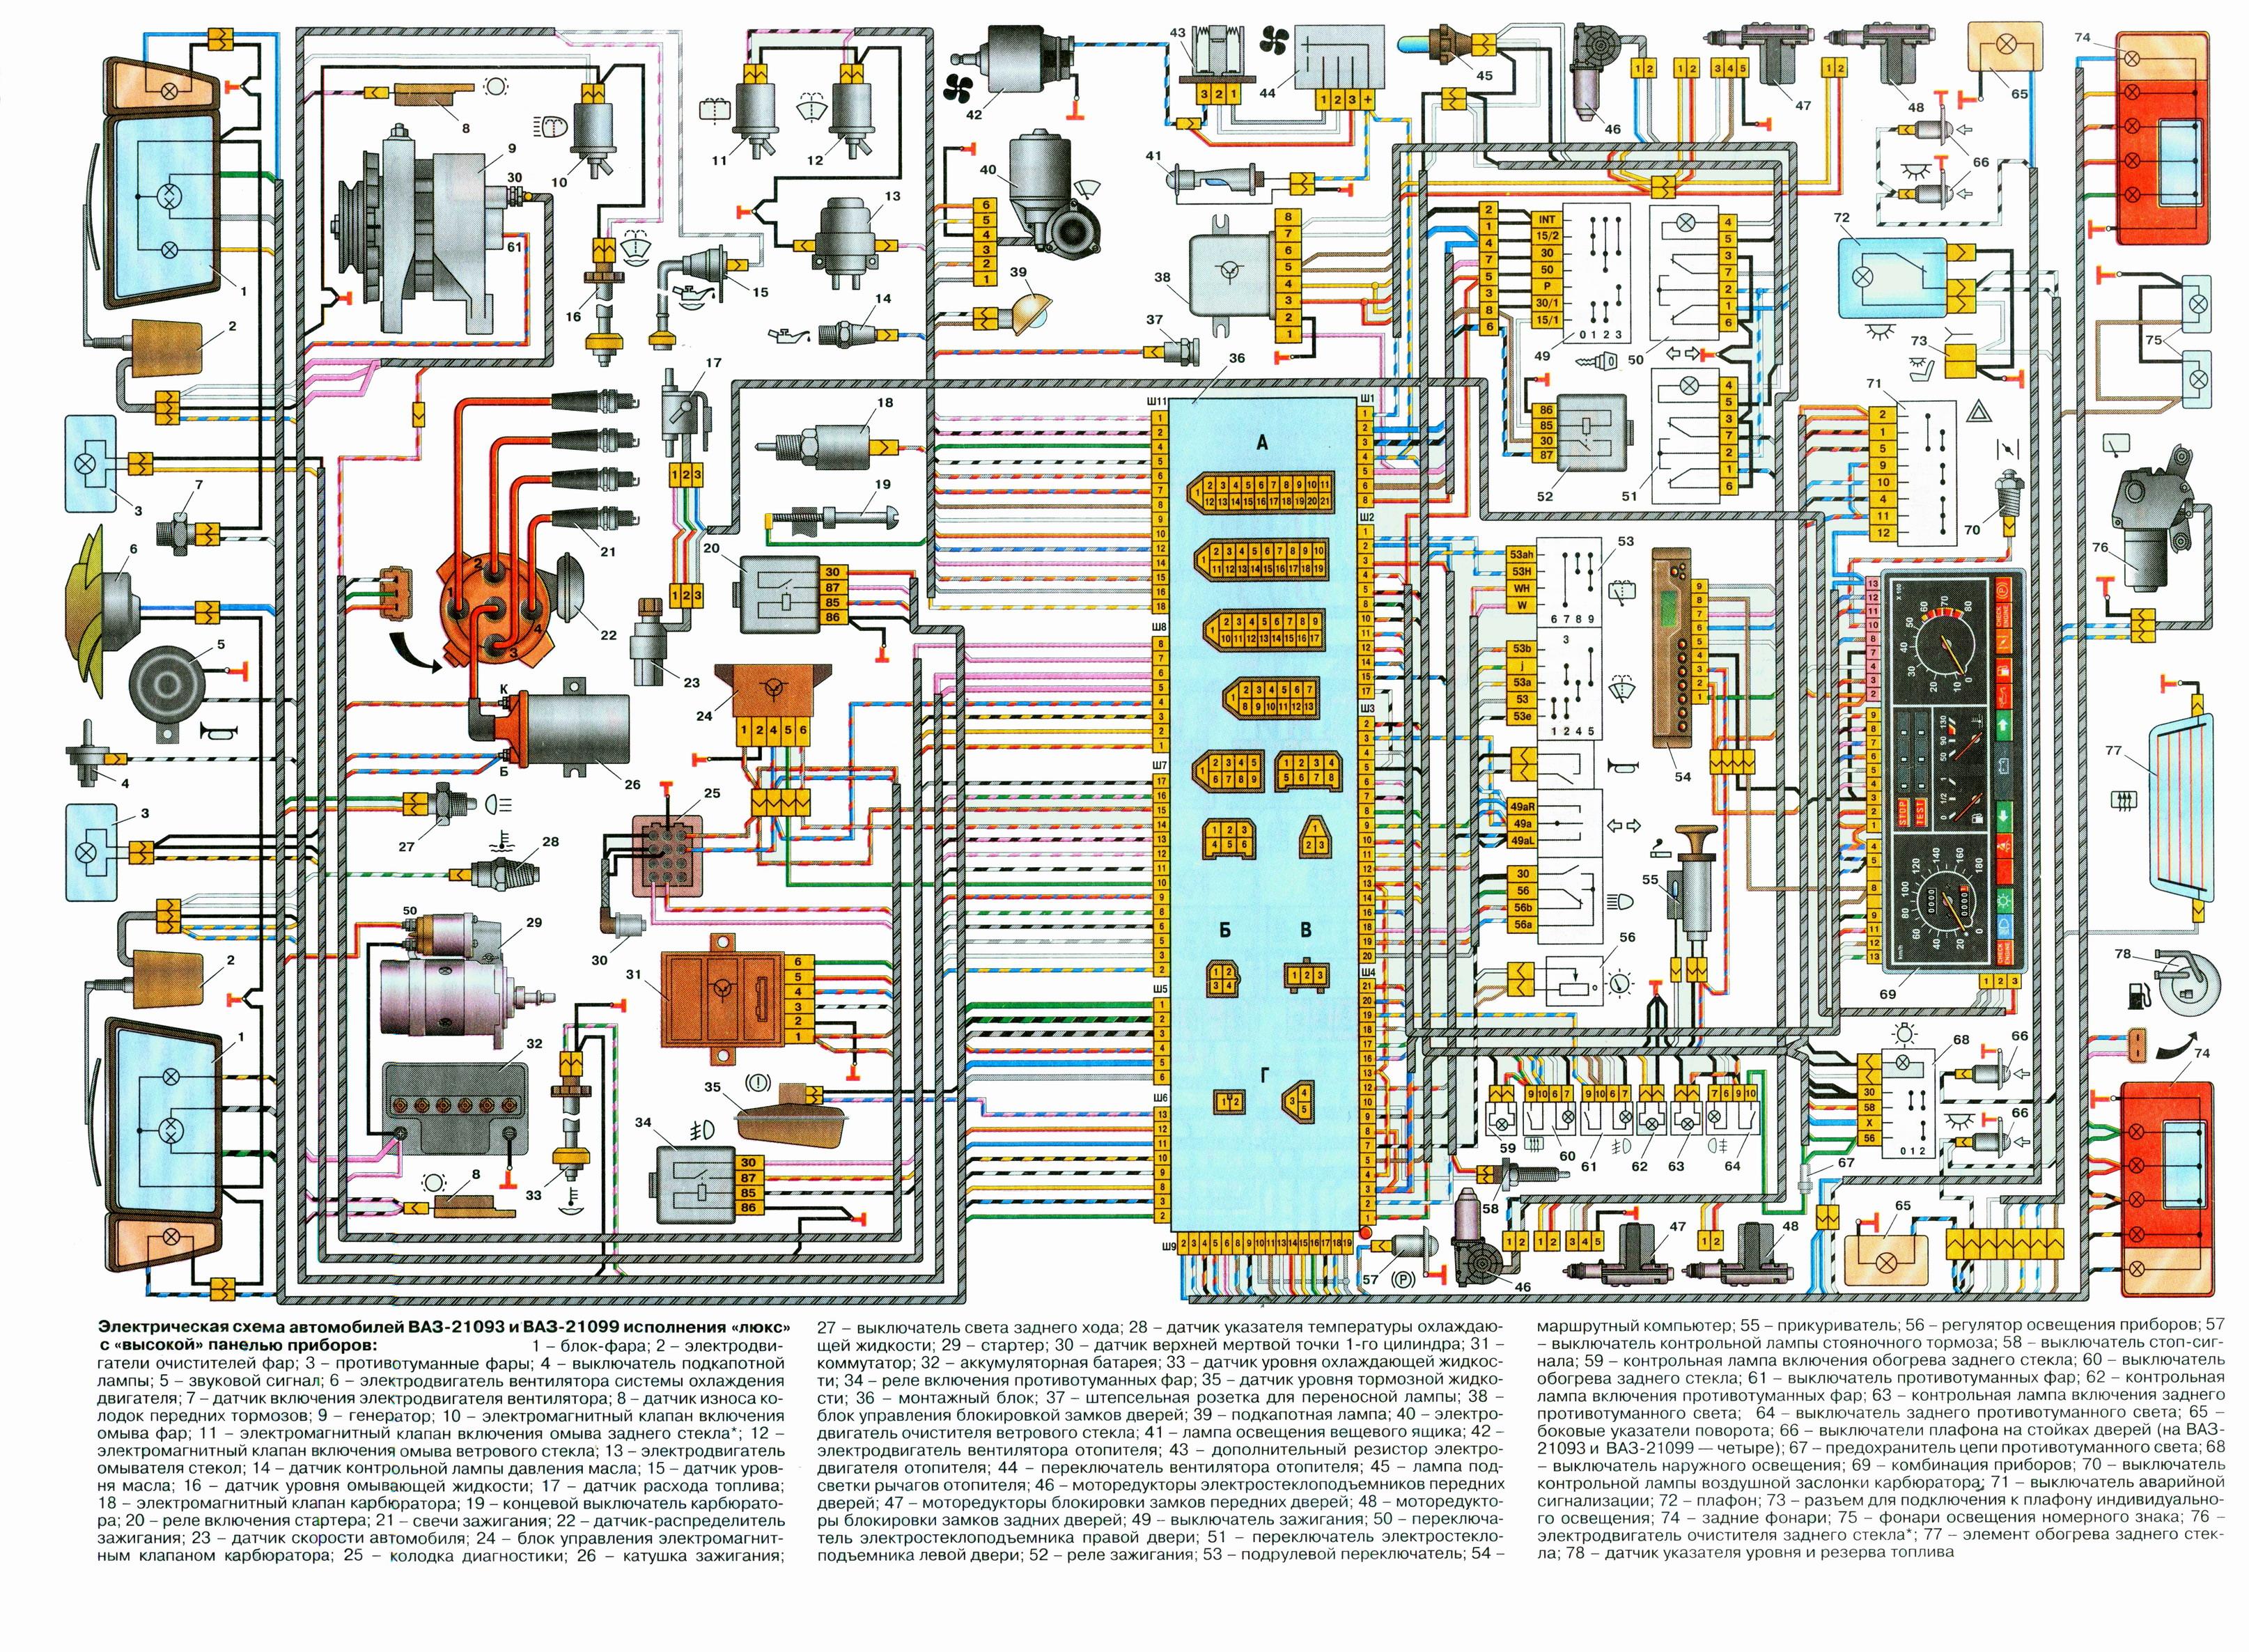 Полная схема оборудования «восьмерки»